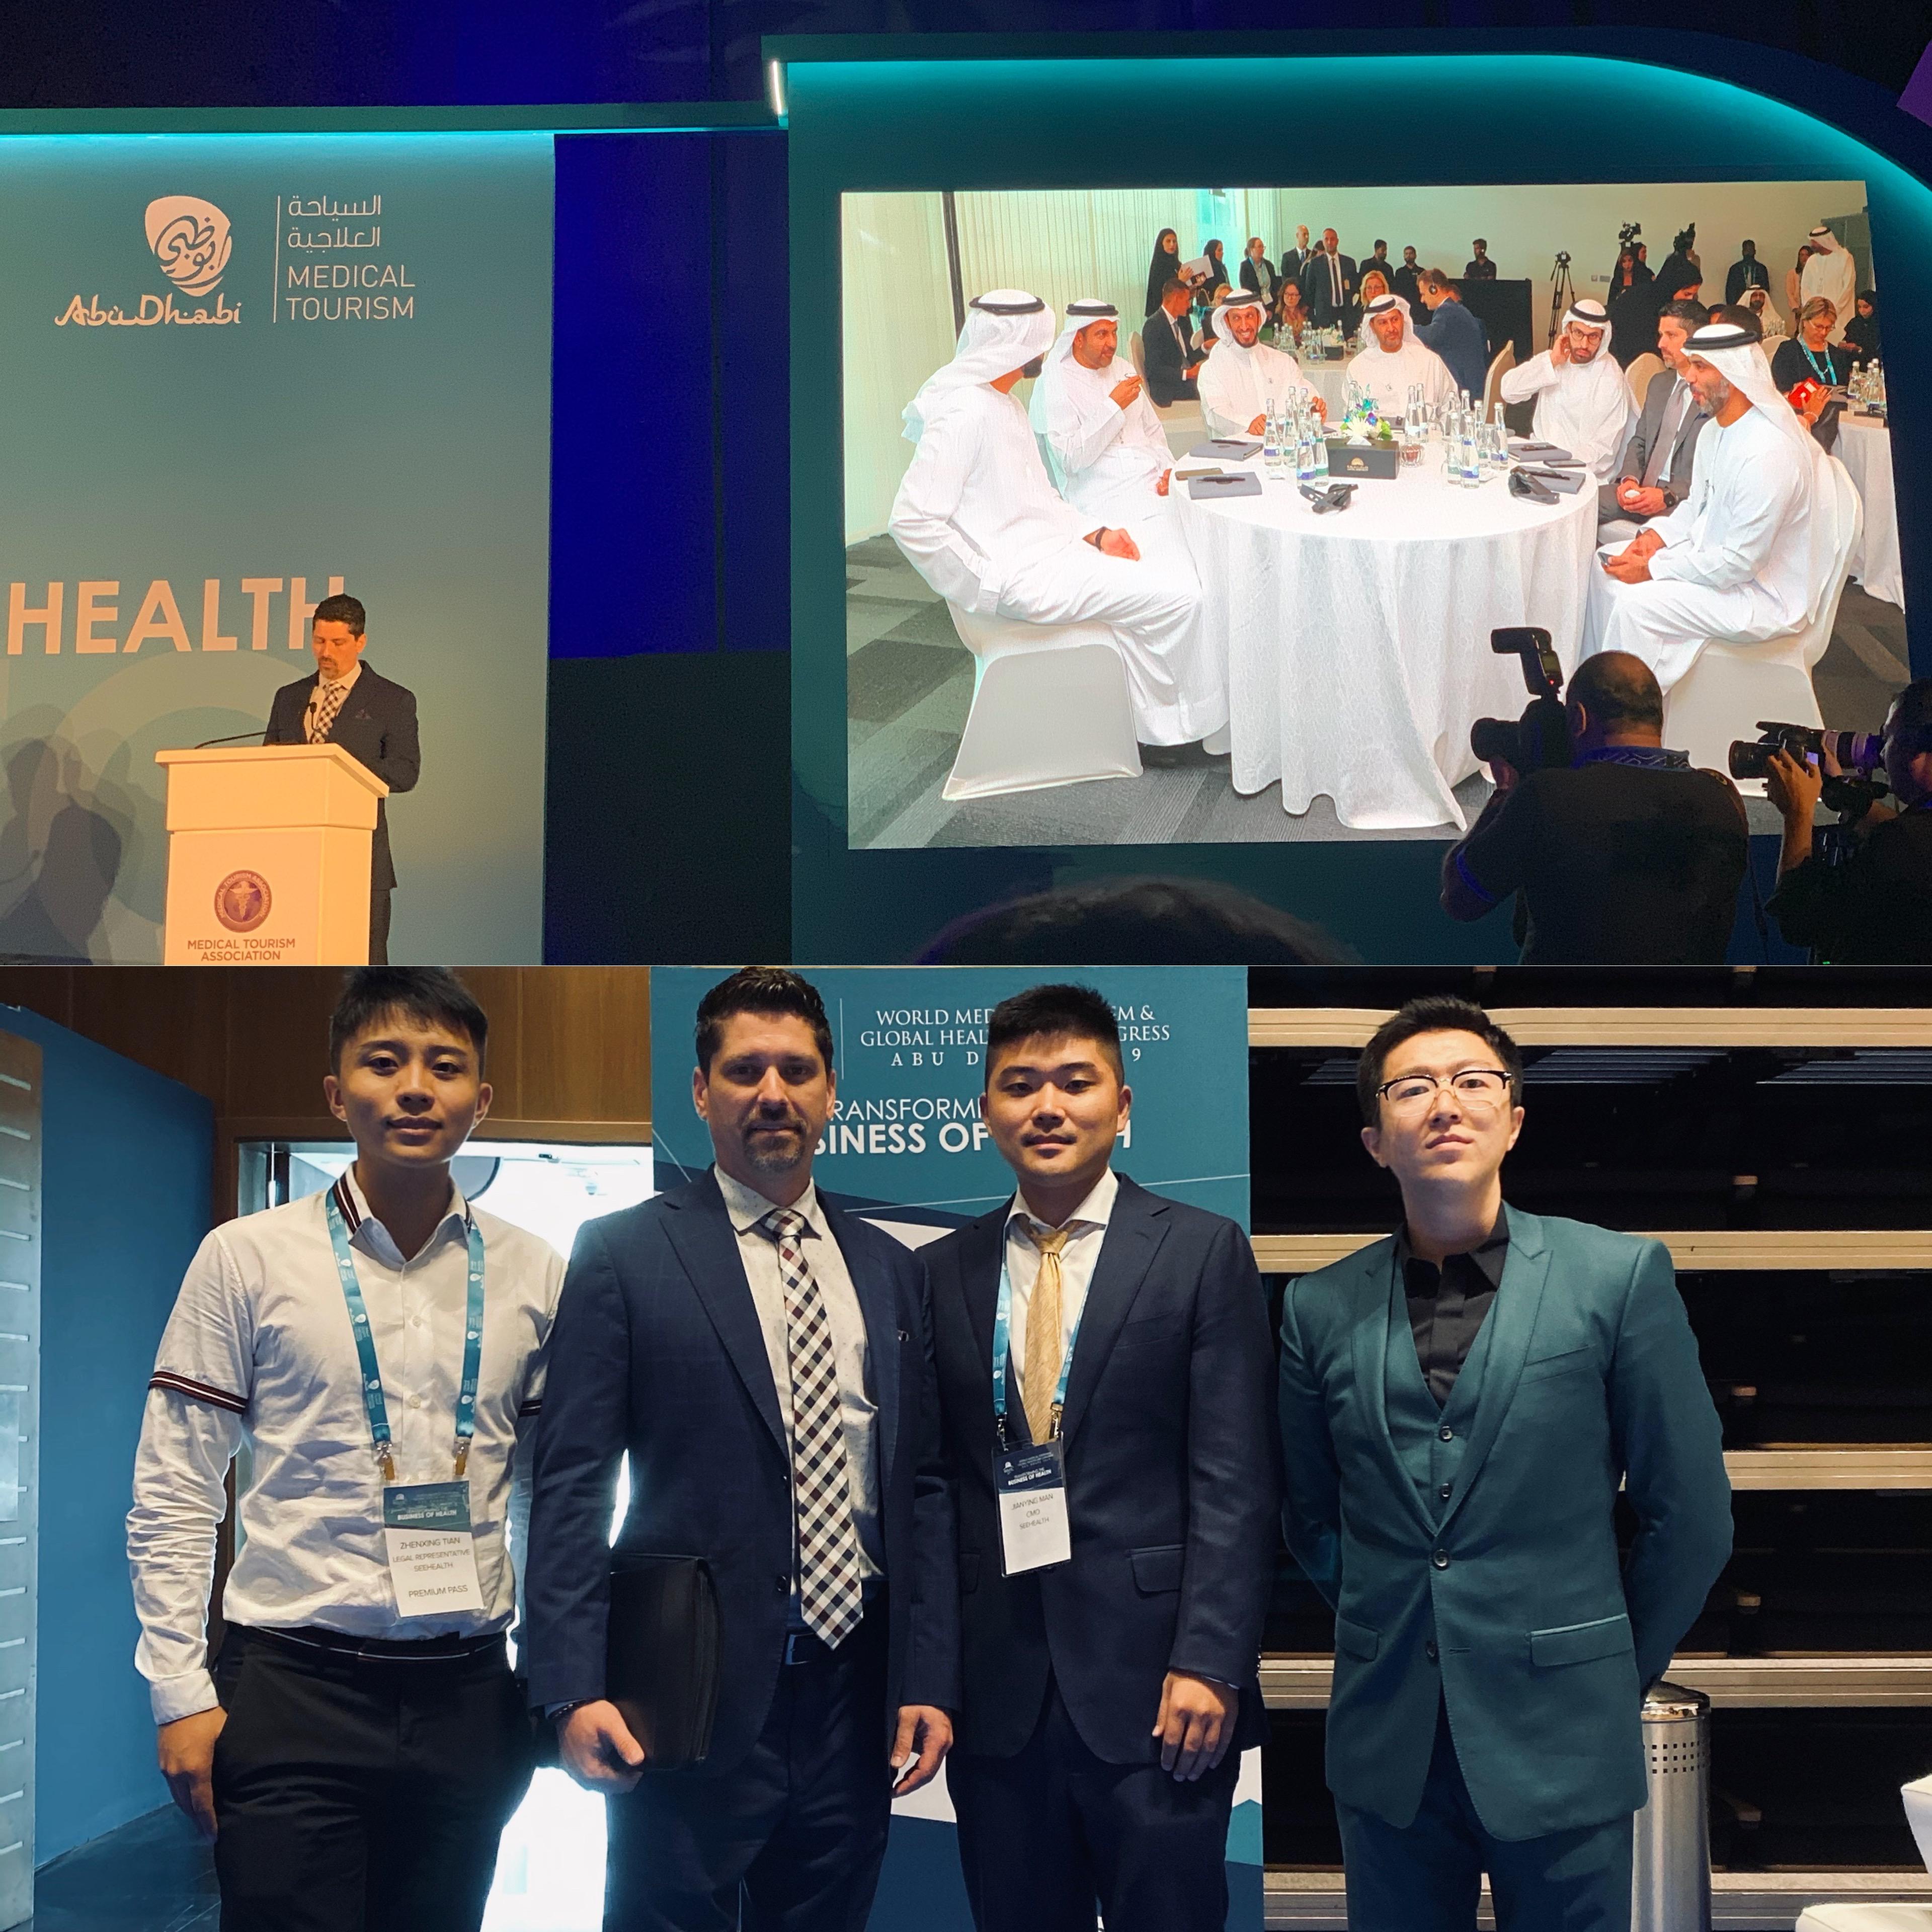 健康连接世界-希途健康荣获WMTC国际医疗旅游大奖插图(3)